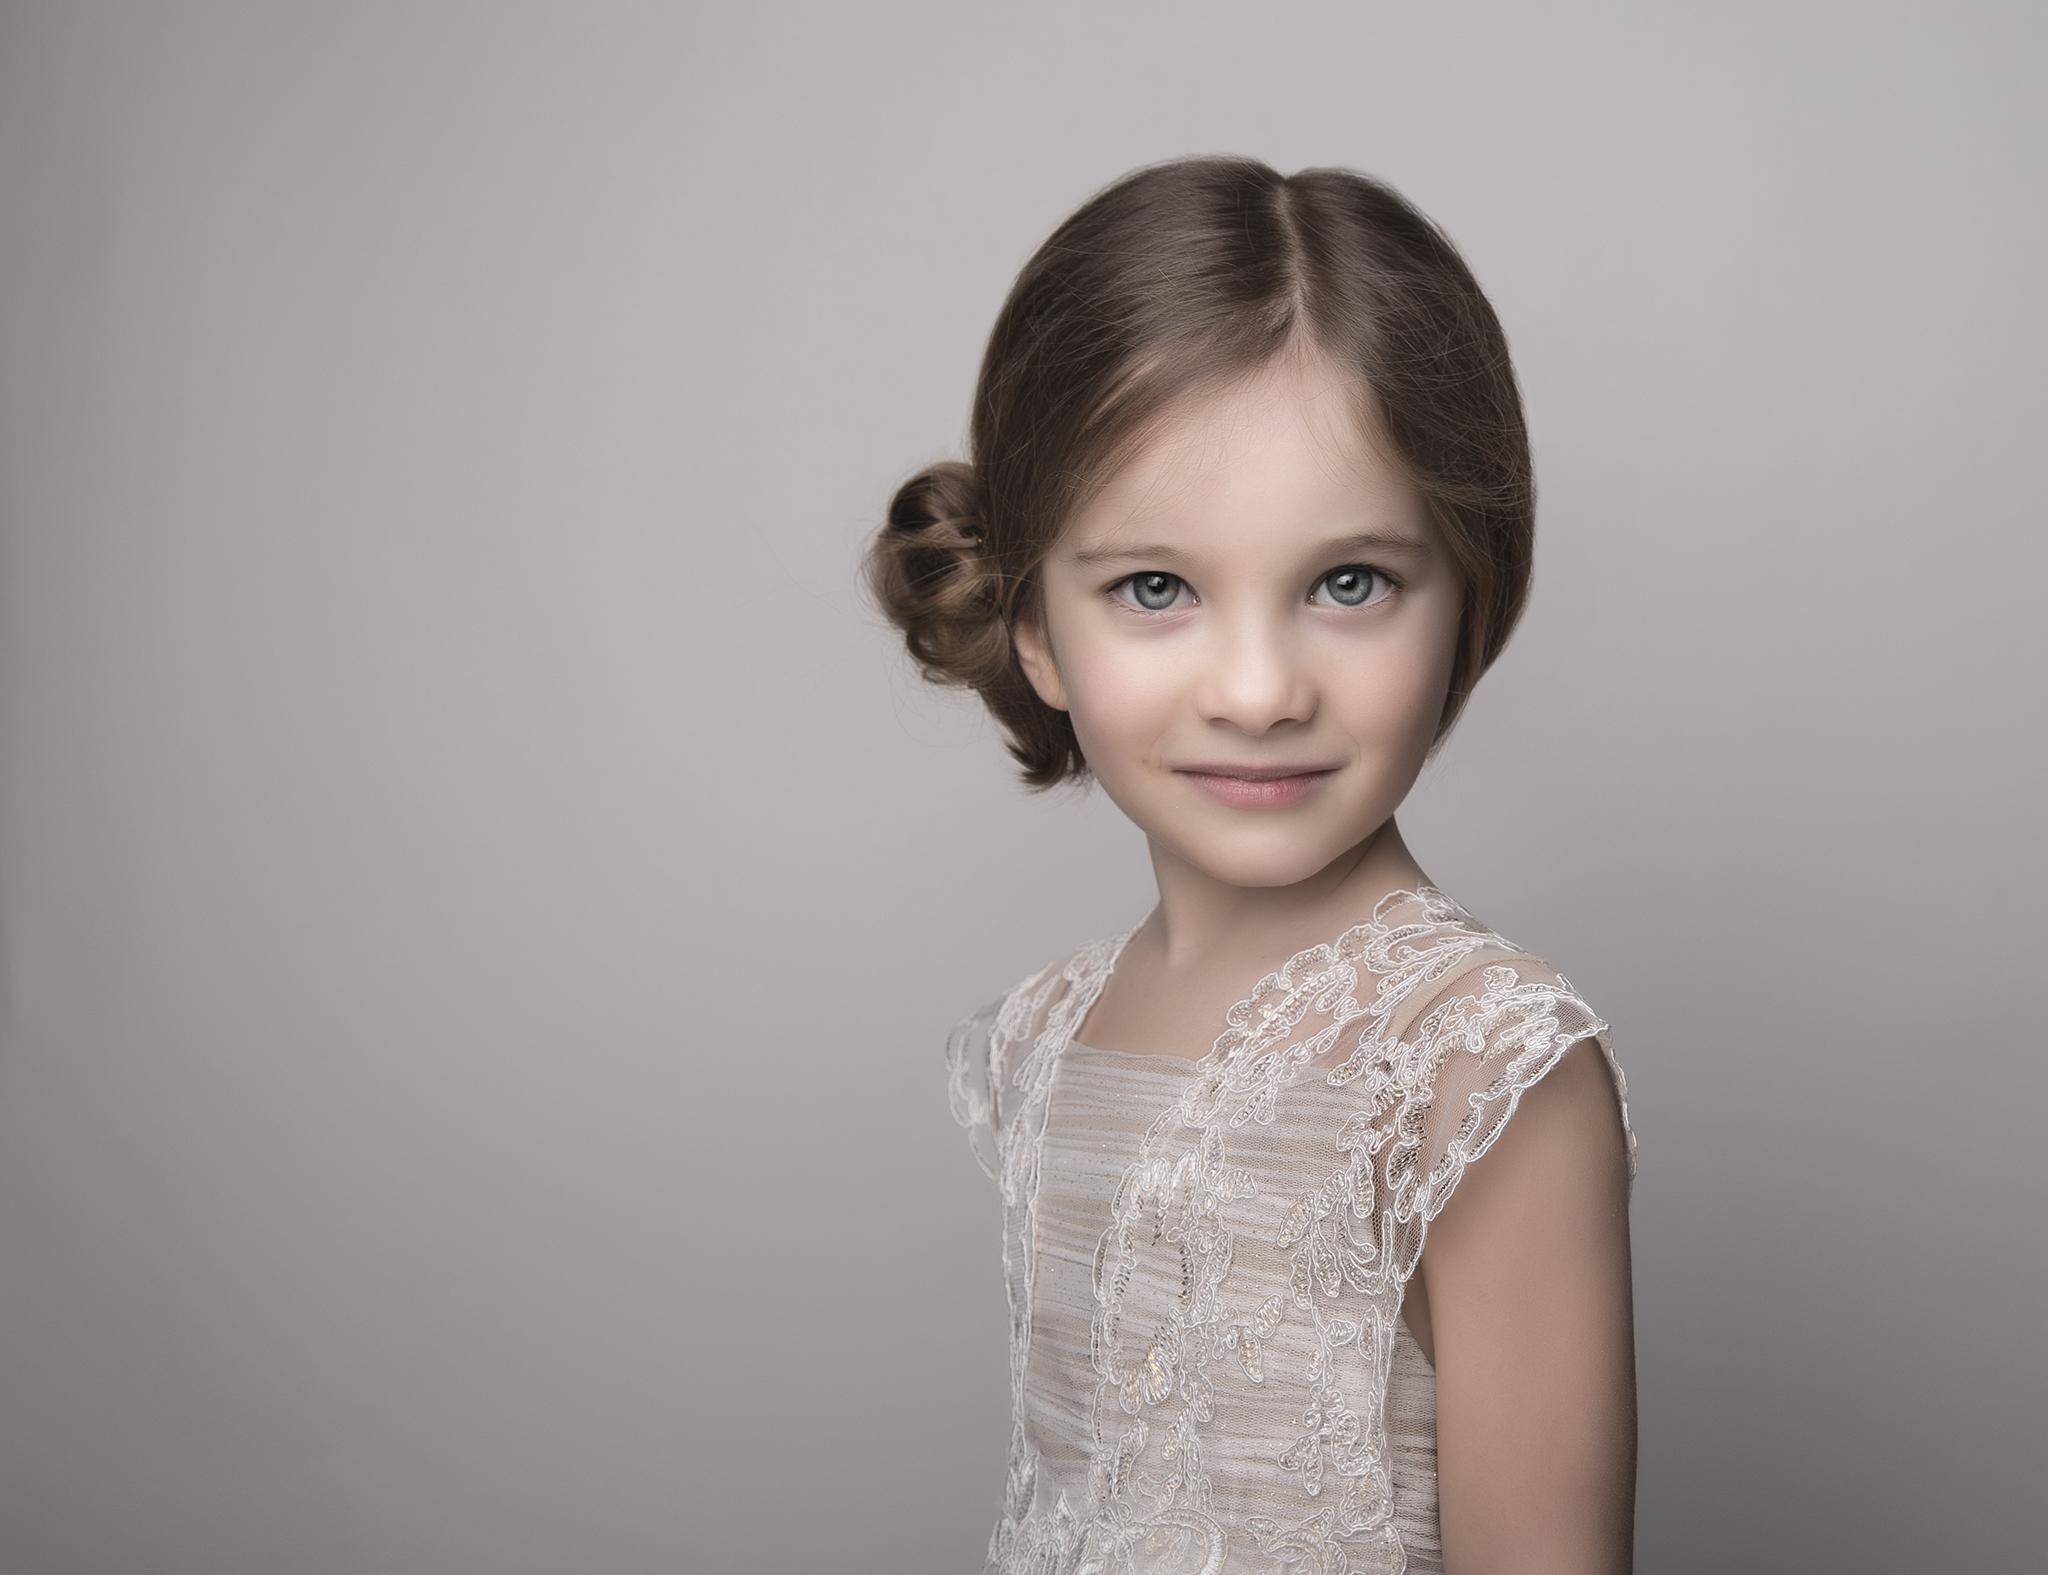 elizabethgphotography_childrens_fineart_kingslangley_hertfordshire_model_actor_updates_florrence_kids_london_1a.jpg